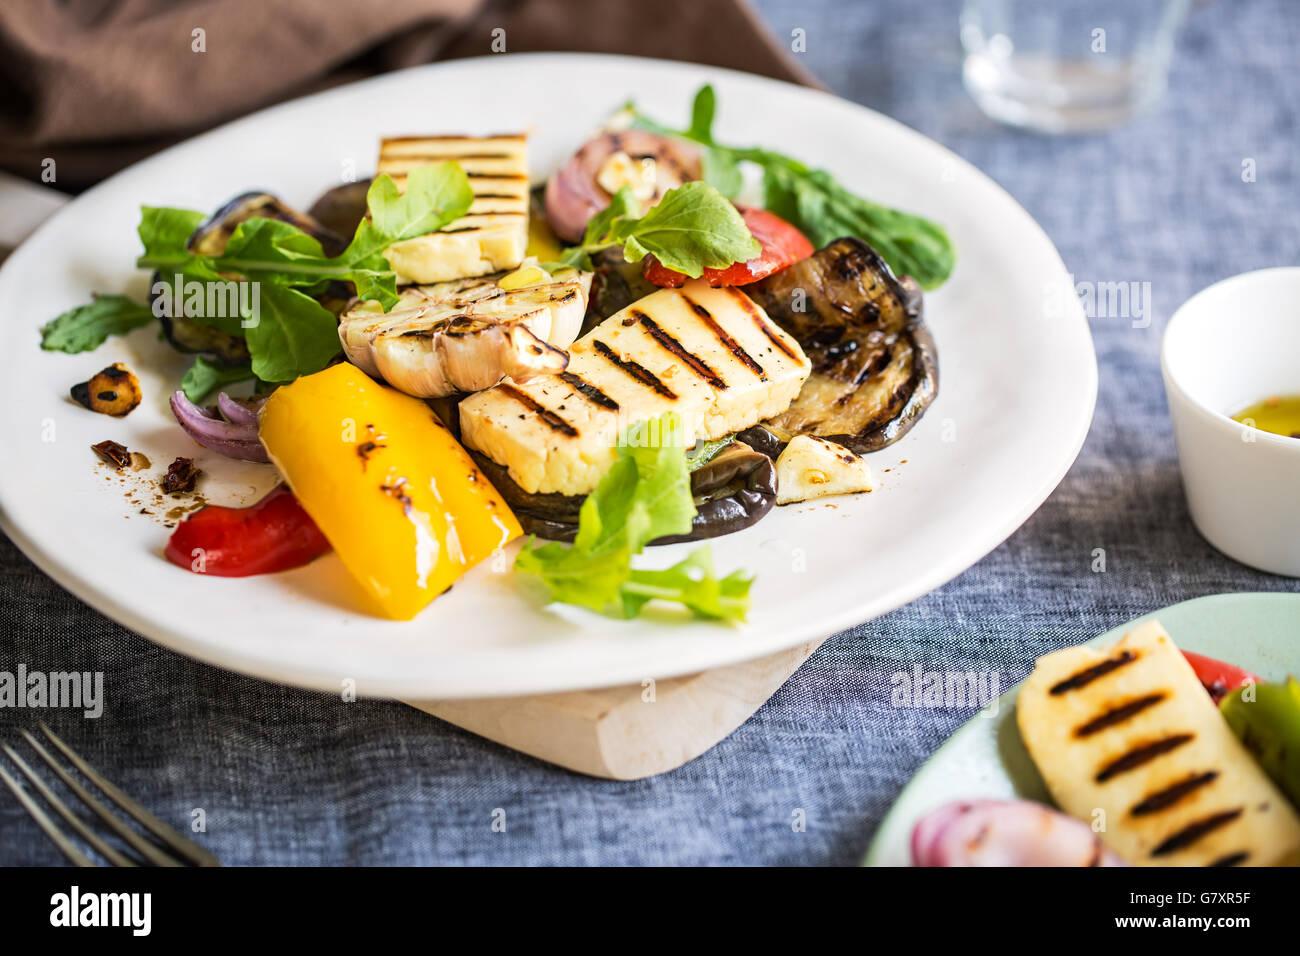 Halloumi con melanzana,pepe e aglio insalata di rucola Foto Stock